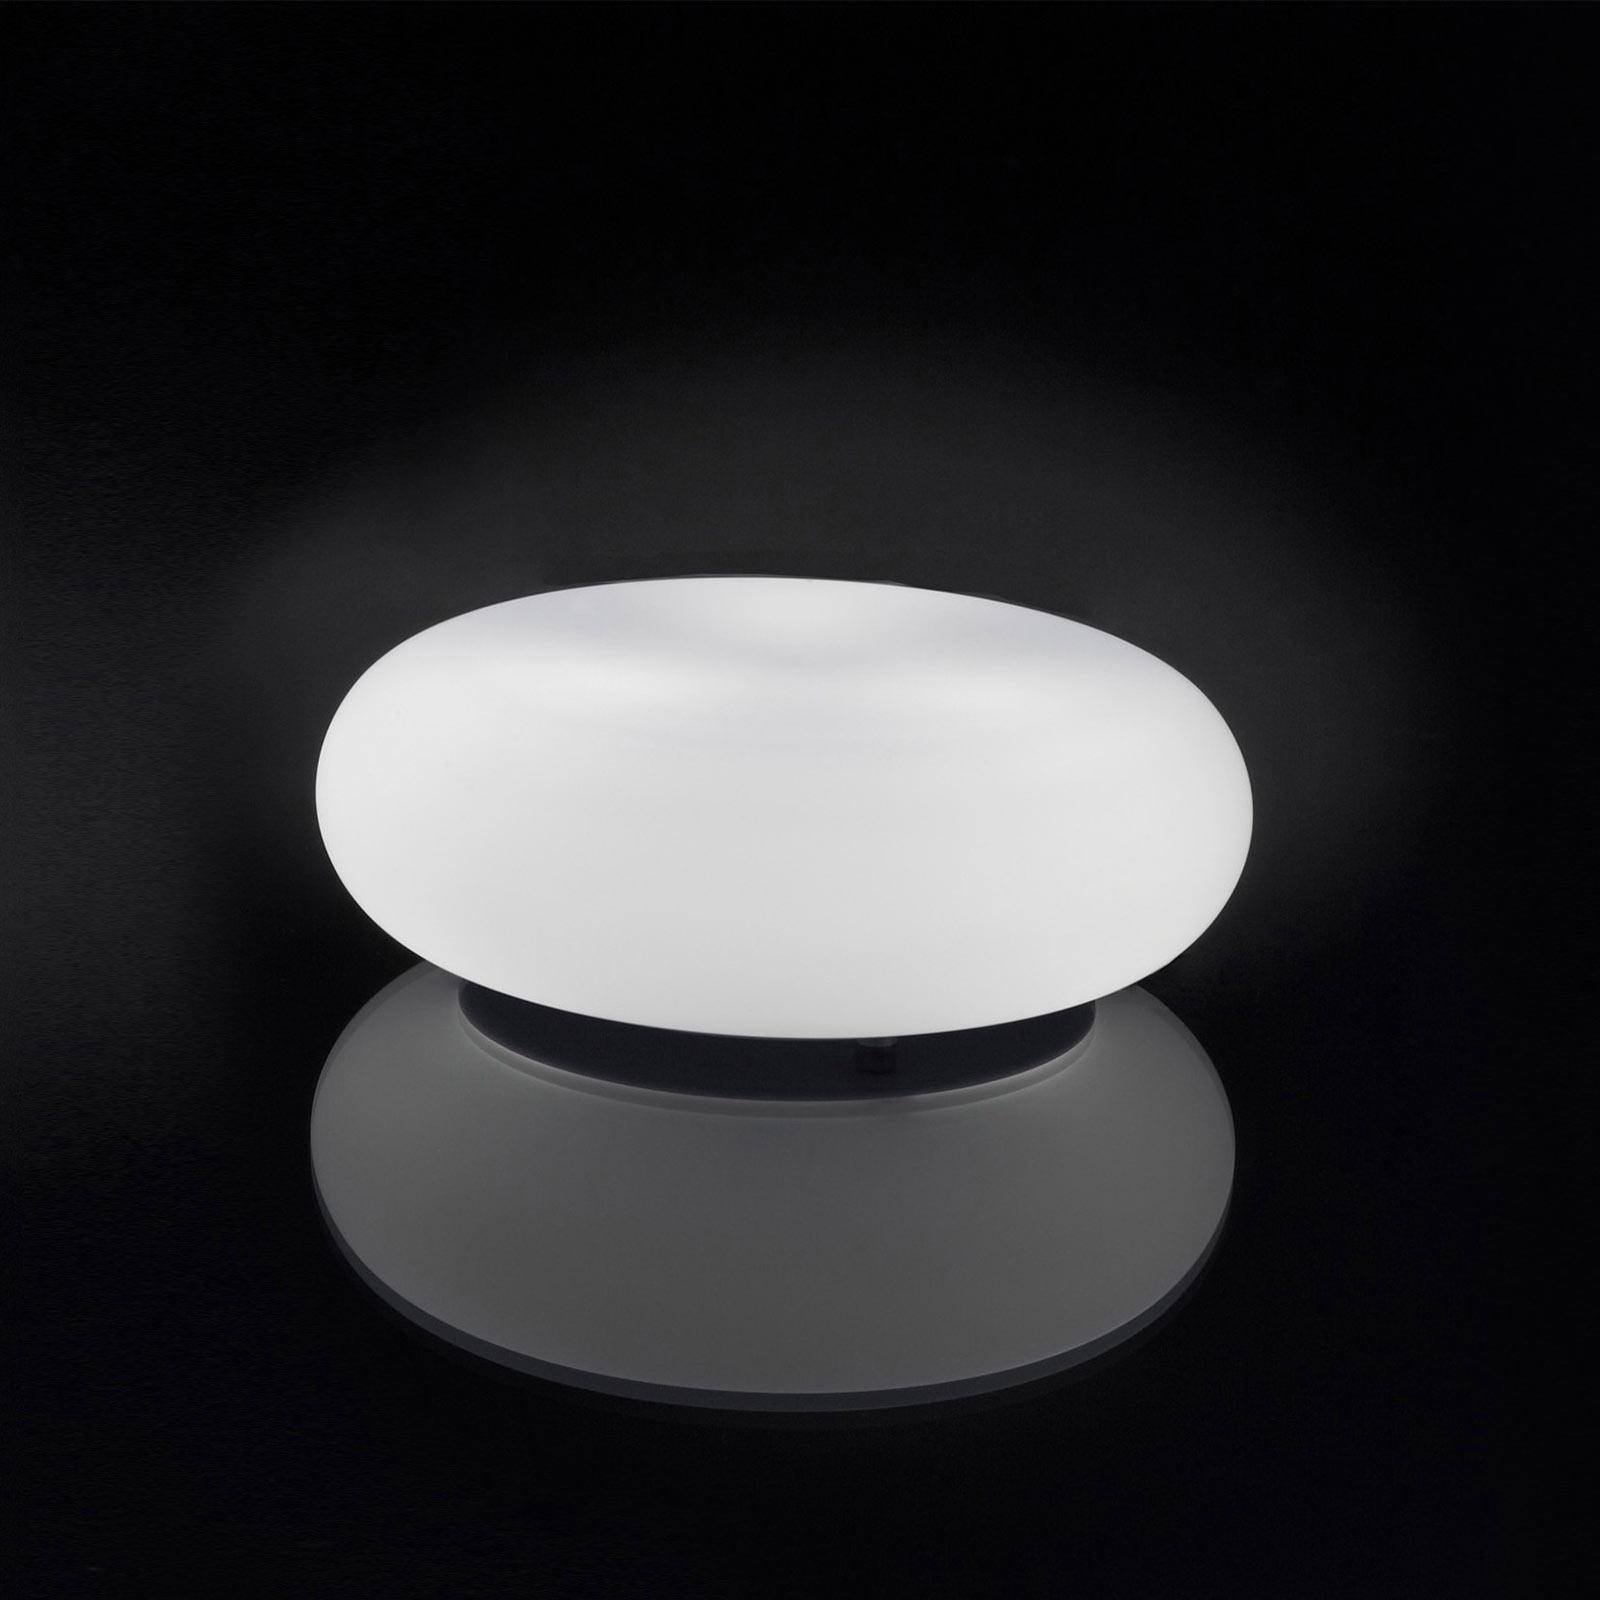 Artemide Itka Tischleuchte mit Glasschirm Ø 20 cm